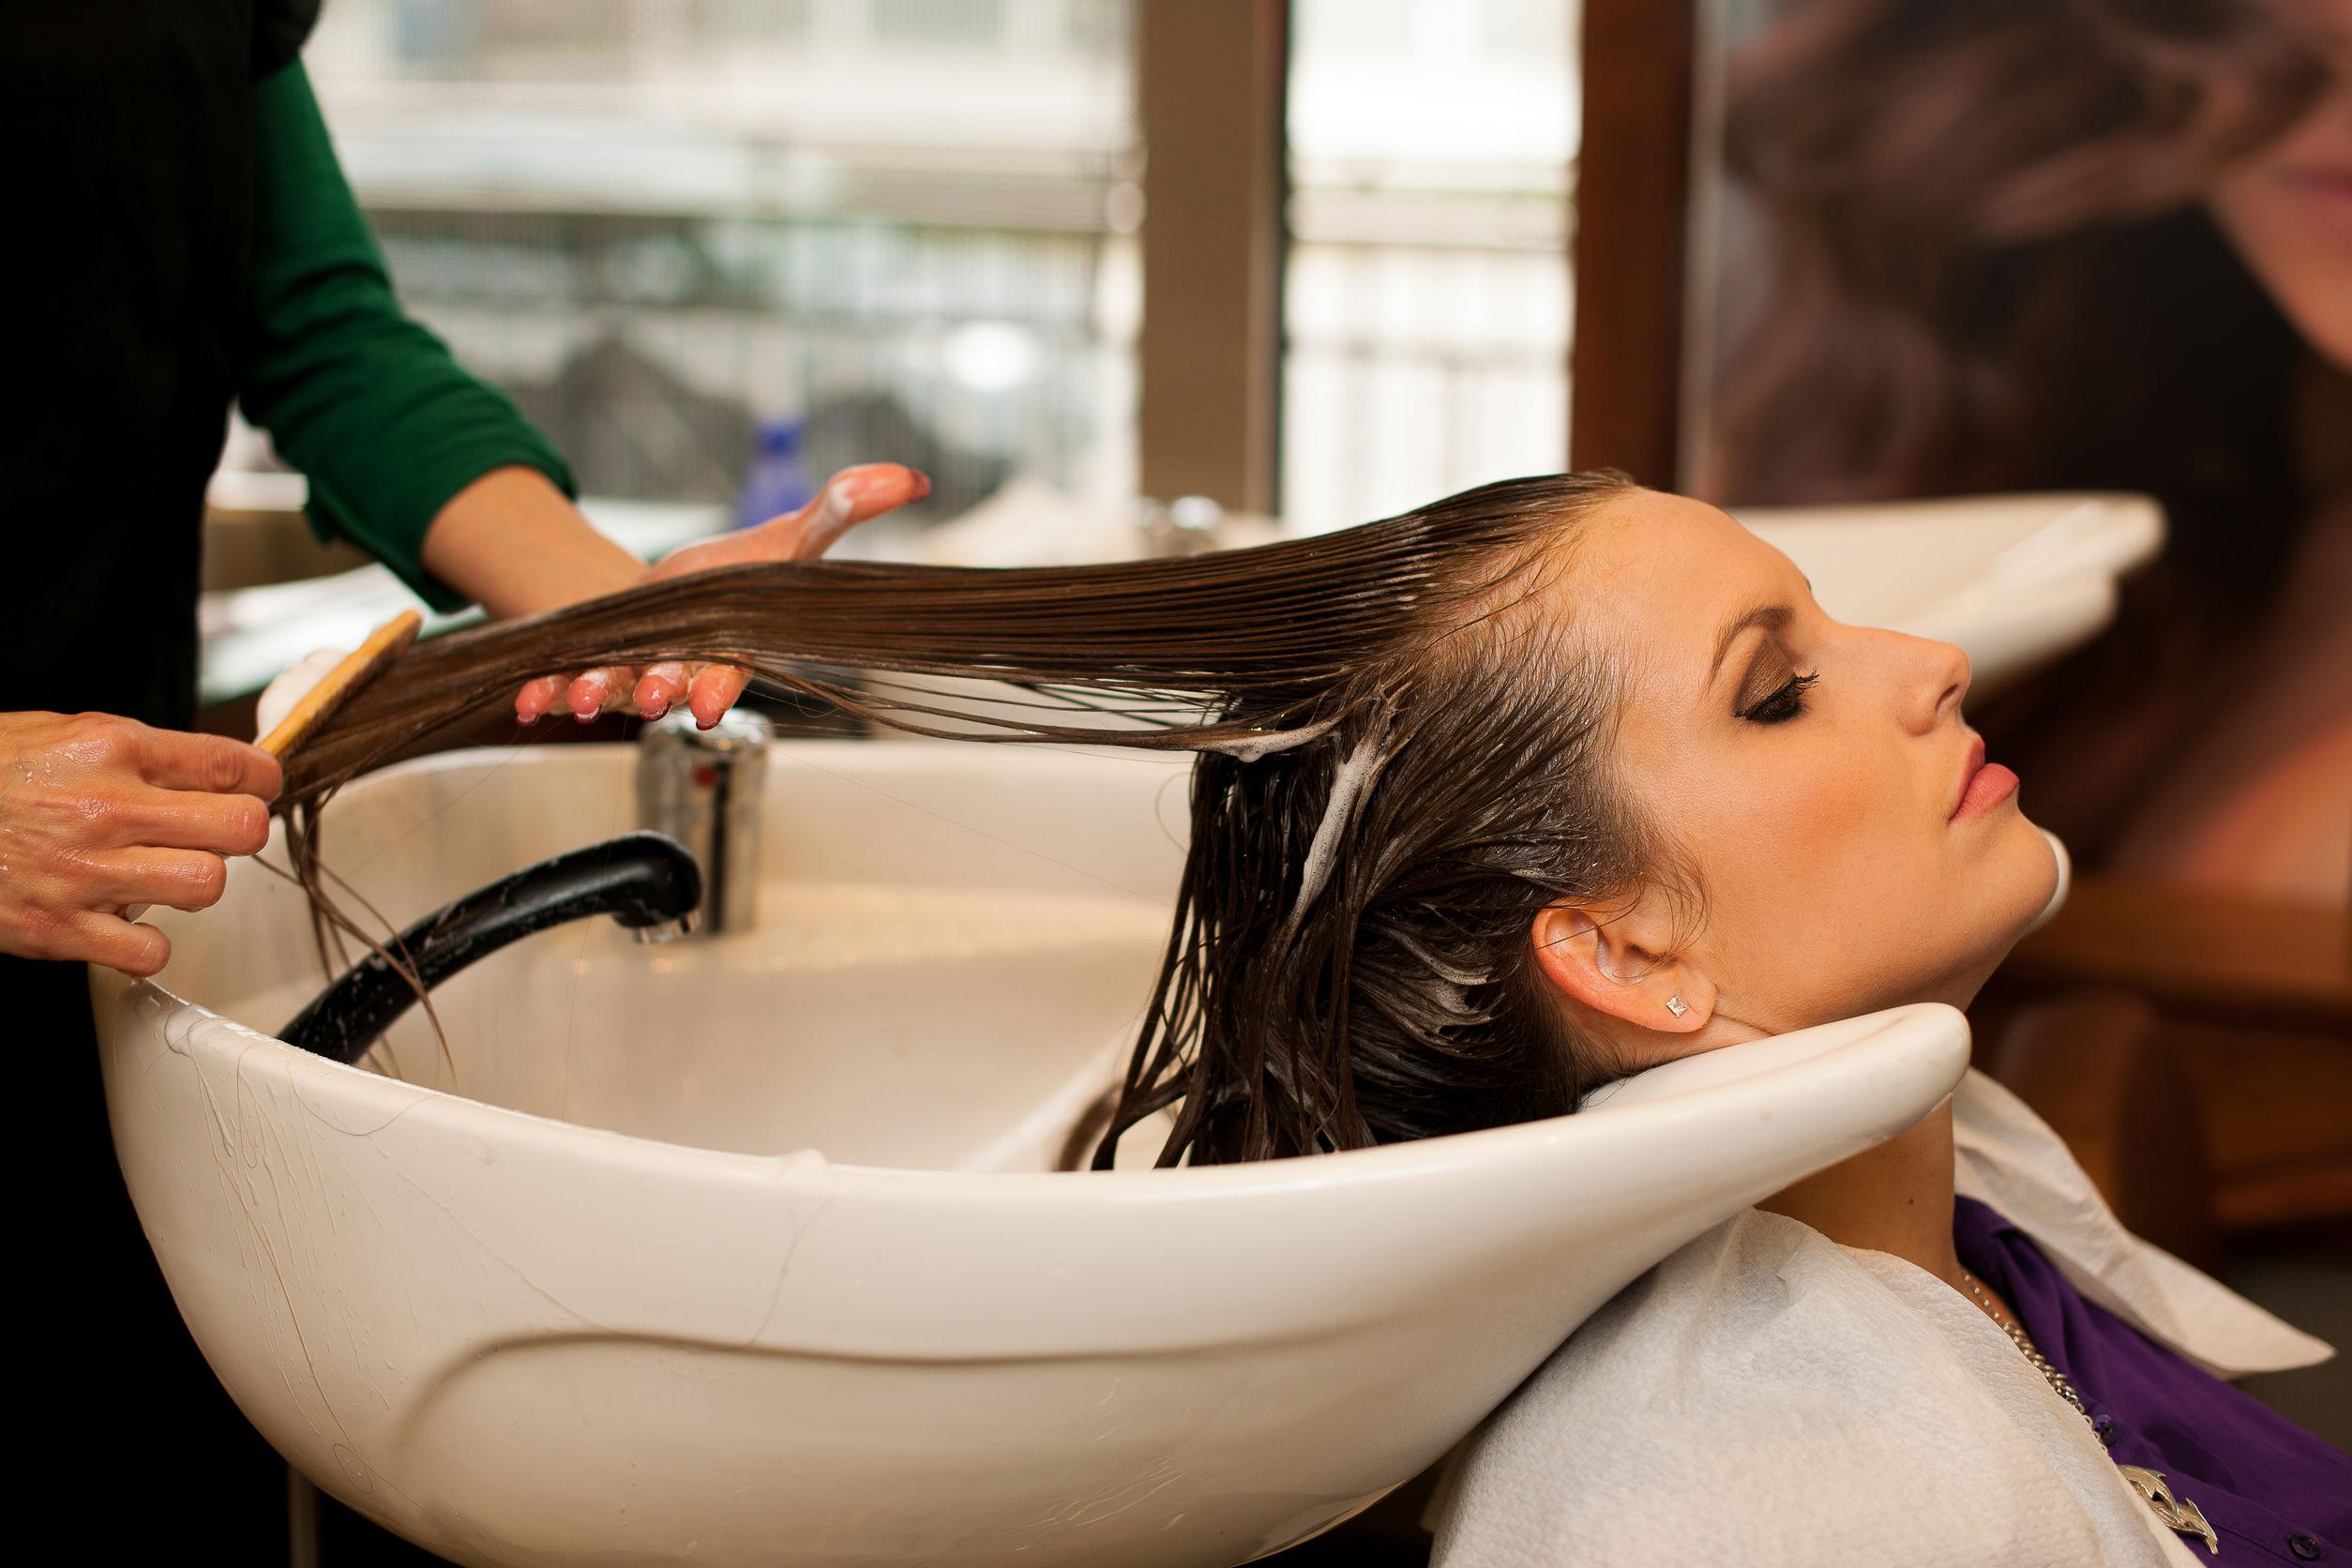 mulher em salão de beleza recebendo tratamento ensinado no curso de cabeleireiro